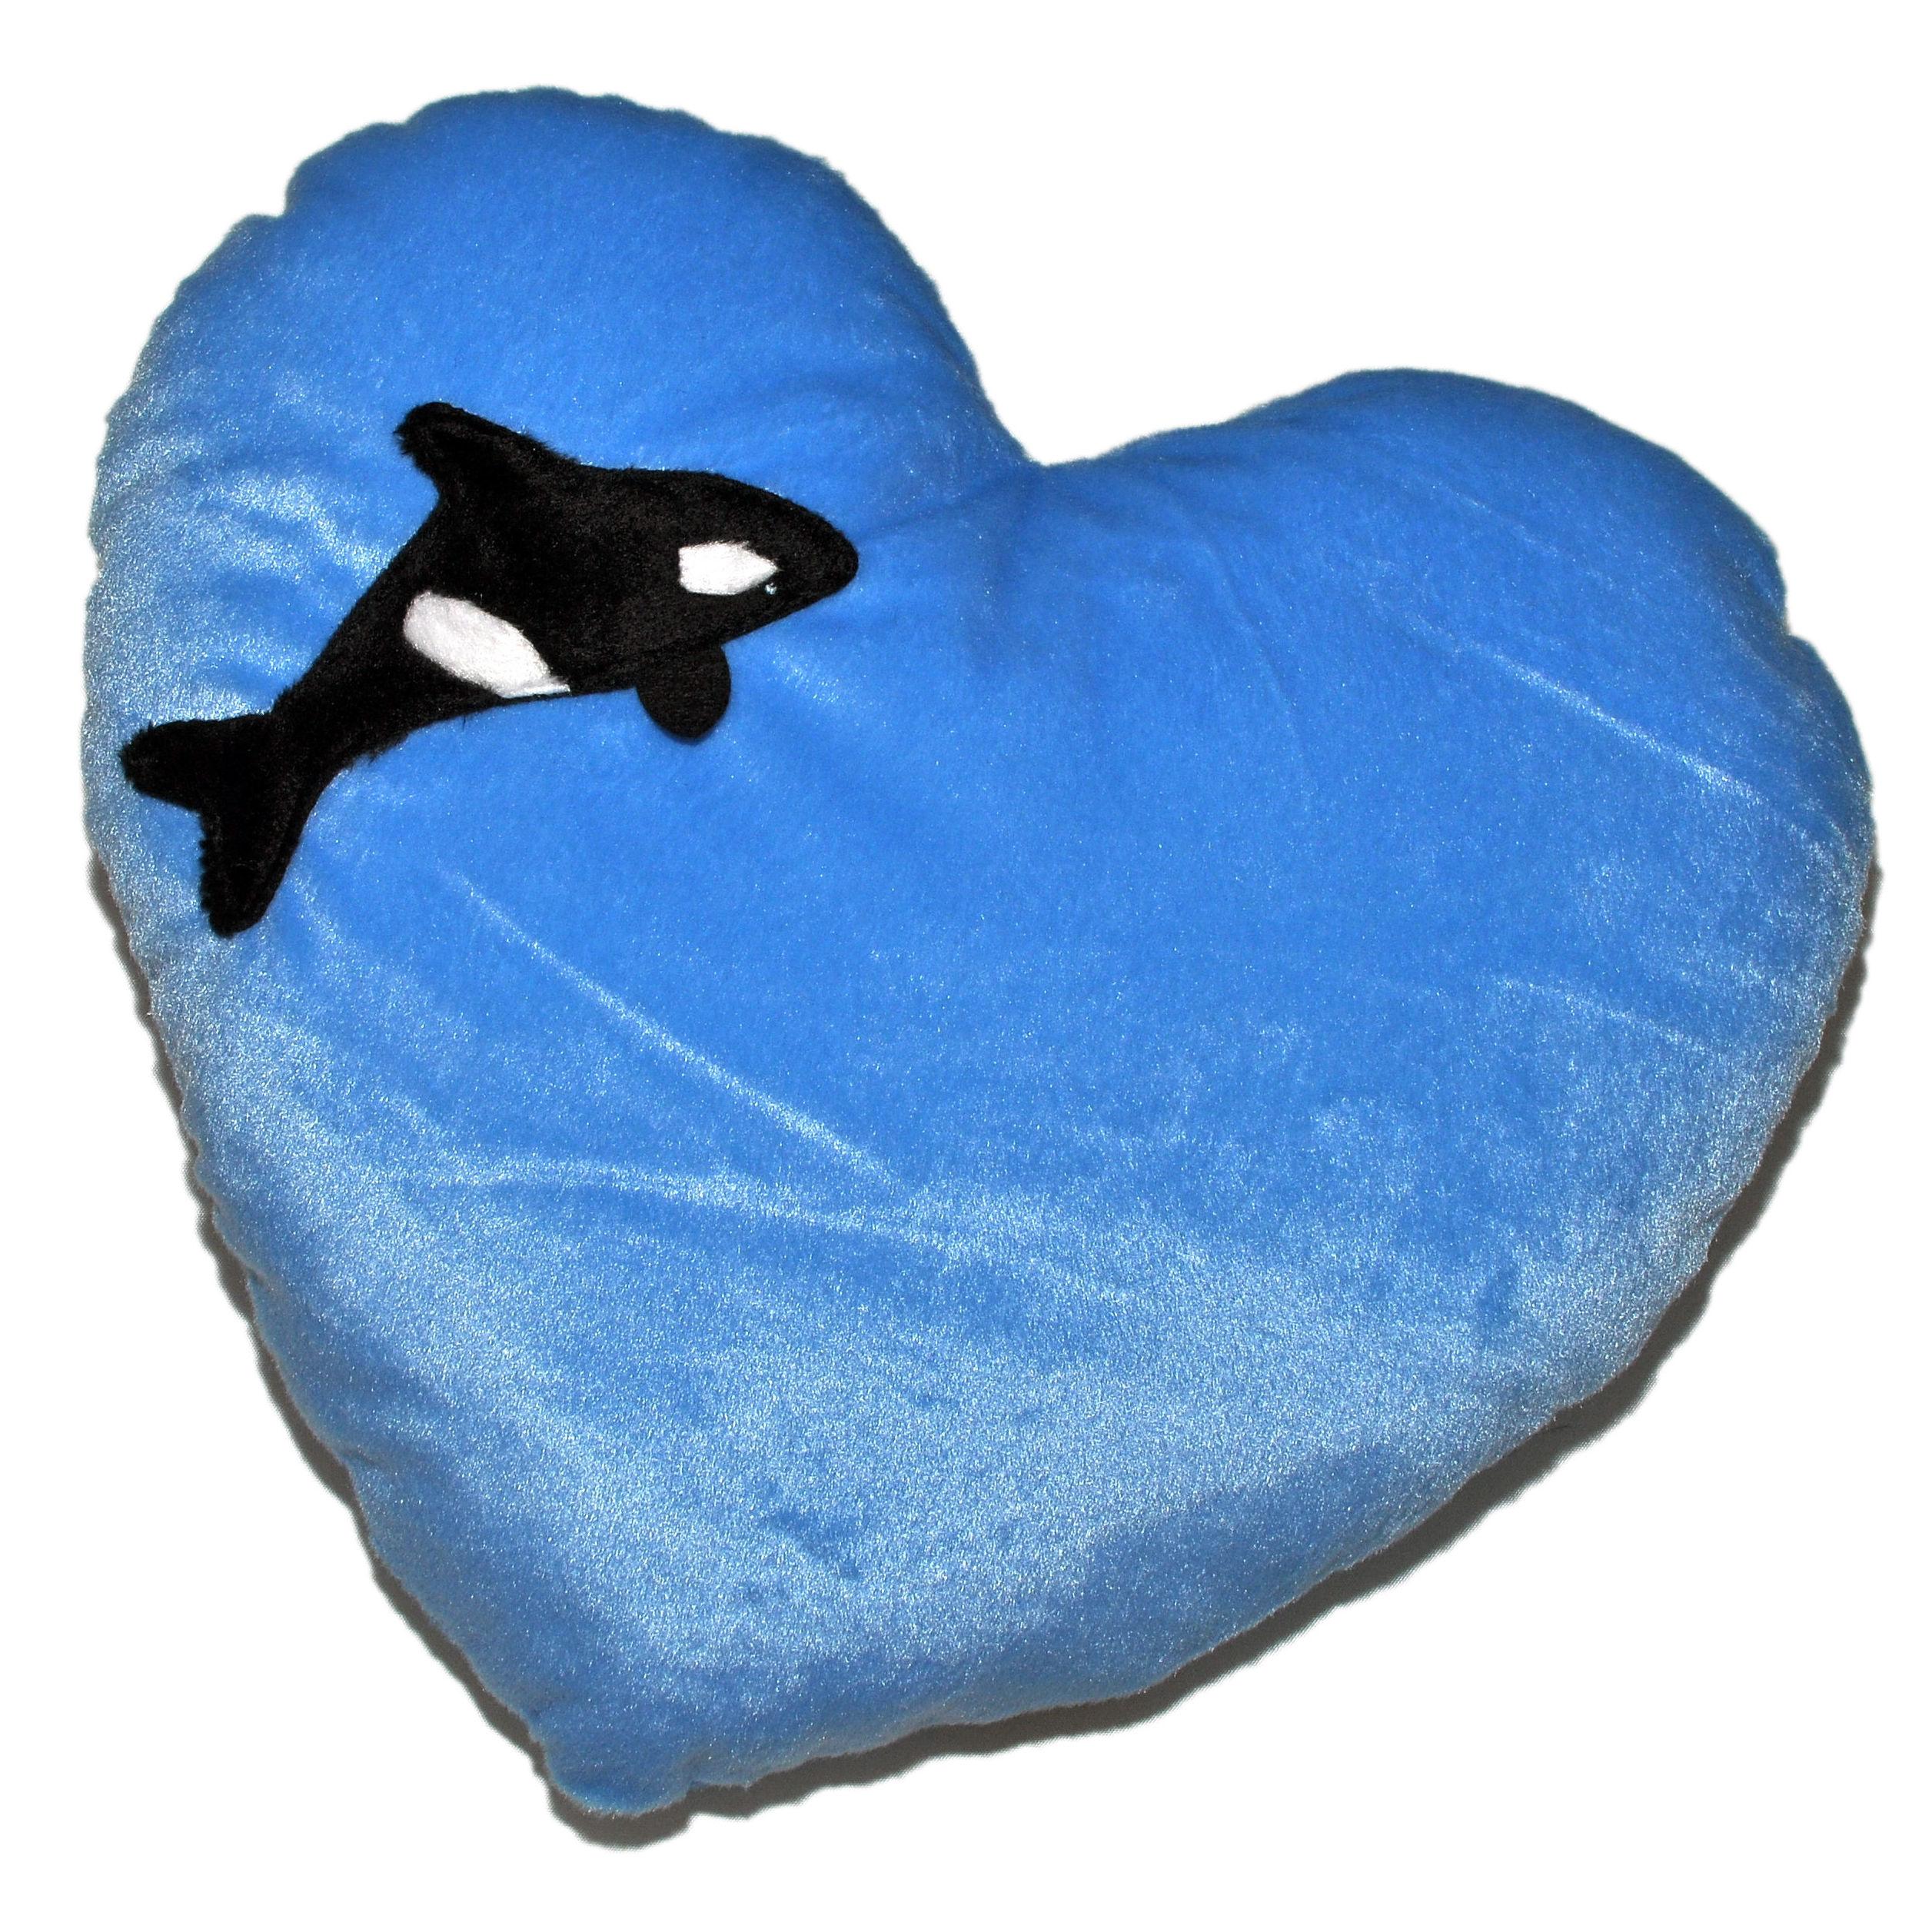 Cojín Corazón Orca / Whale Heart Cushion: Productos de BELLA TRADICION